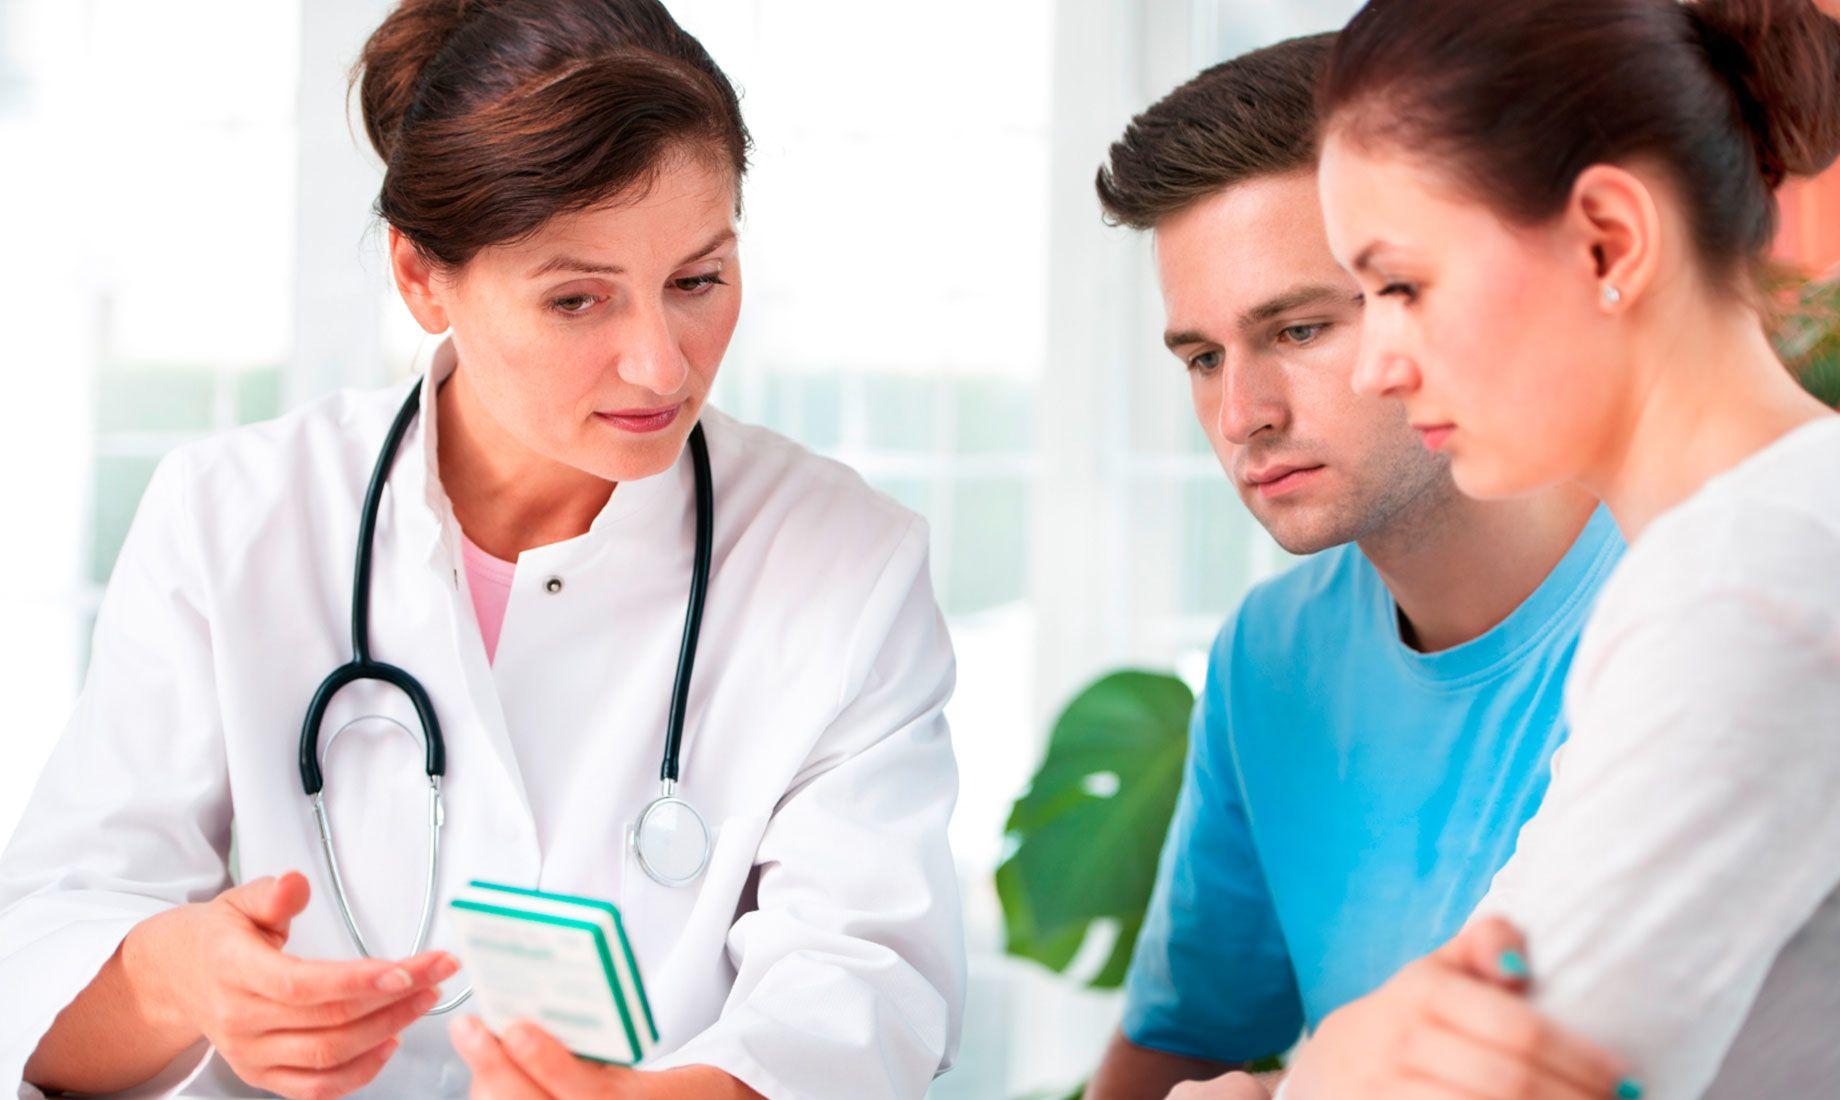 女医生与年轻夫妇讨论IVF风险和并发症